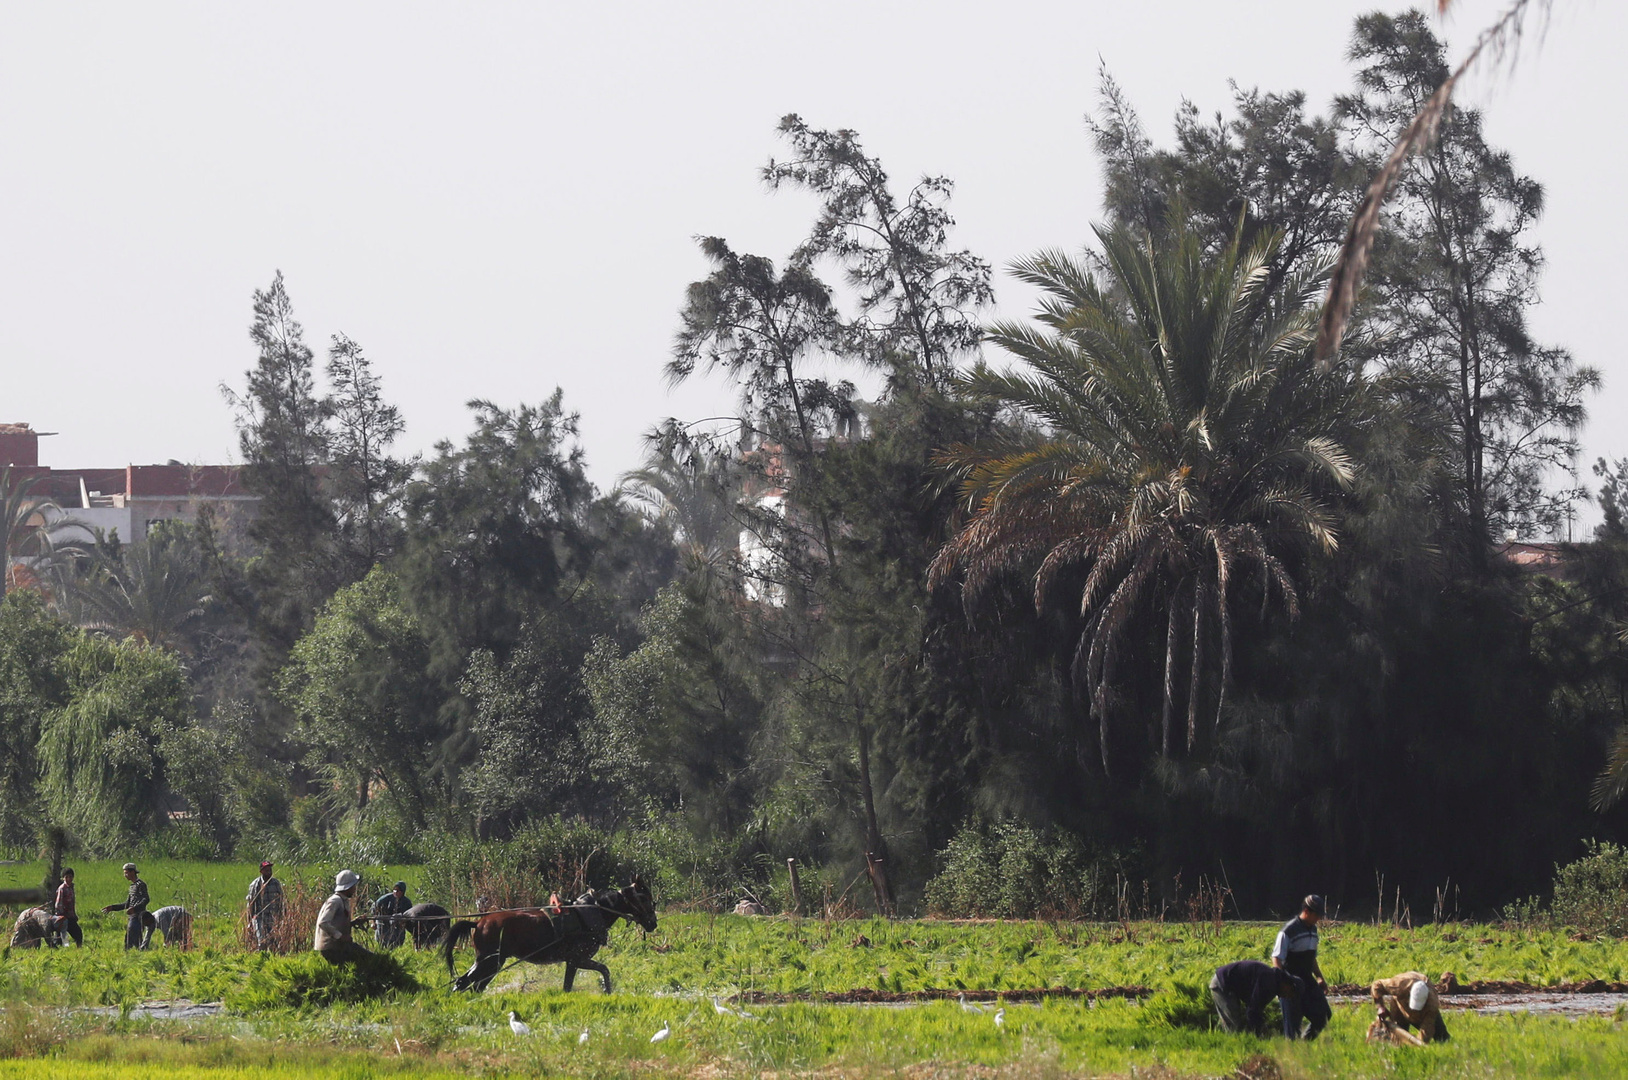 مصر.. ارتفاع حجم الصادرات الزراعية بنحو 5% منذ بداية 2021